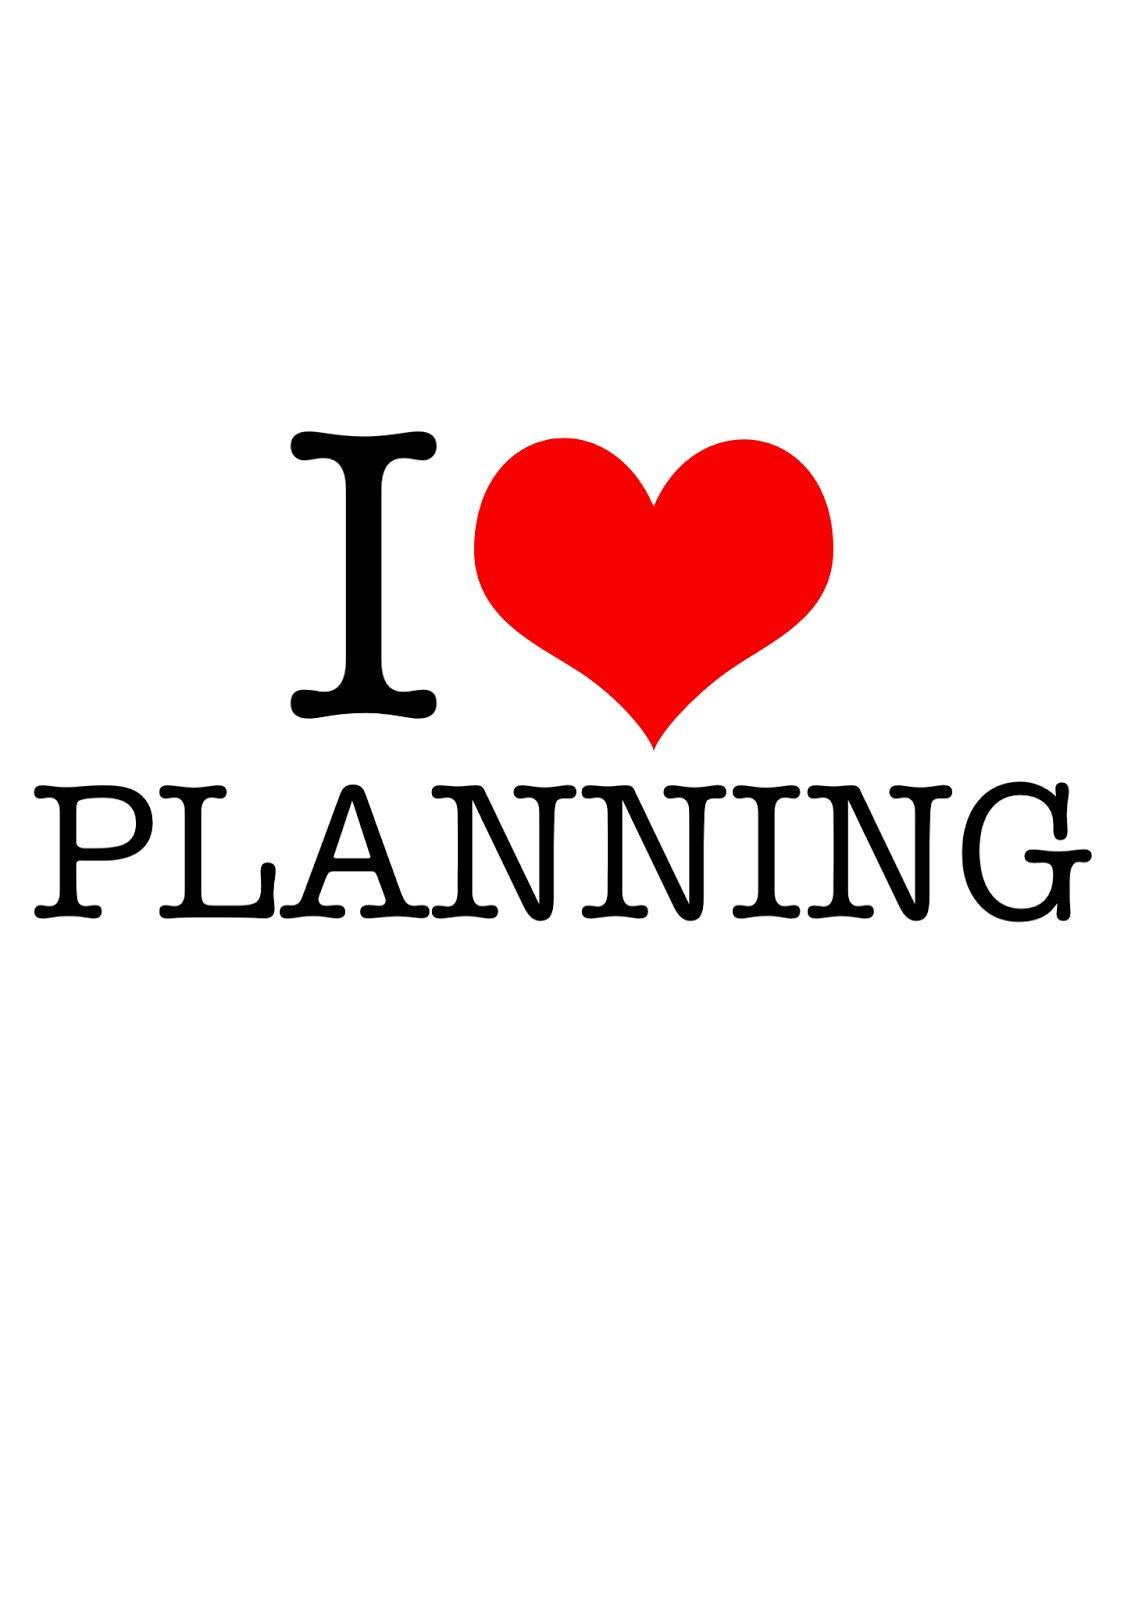 Event Planning Consultation